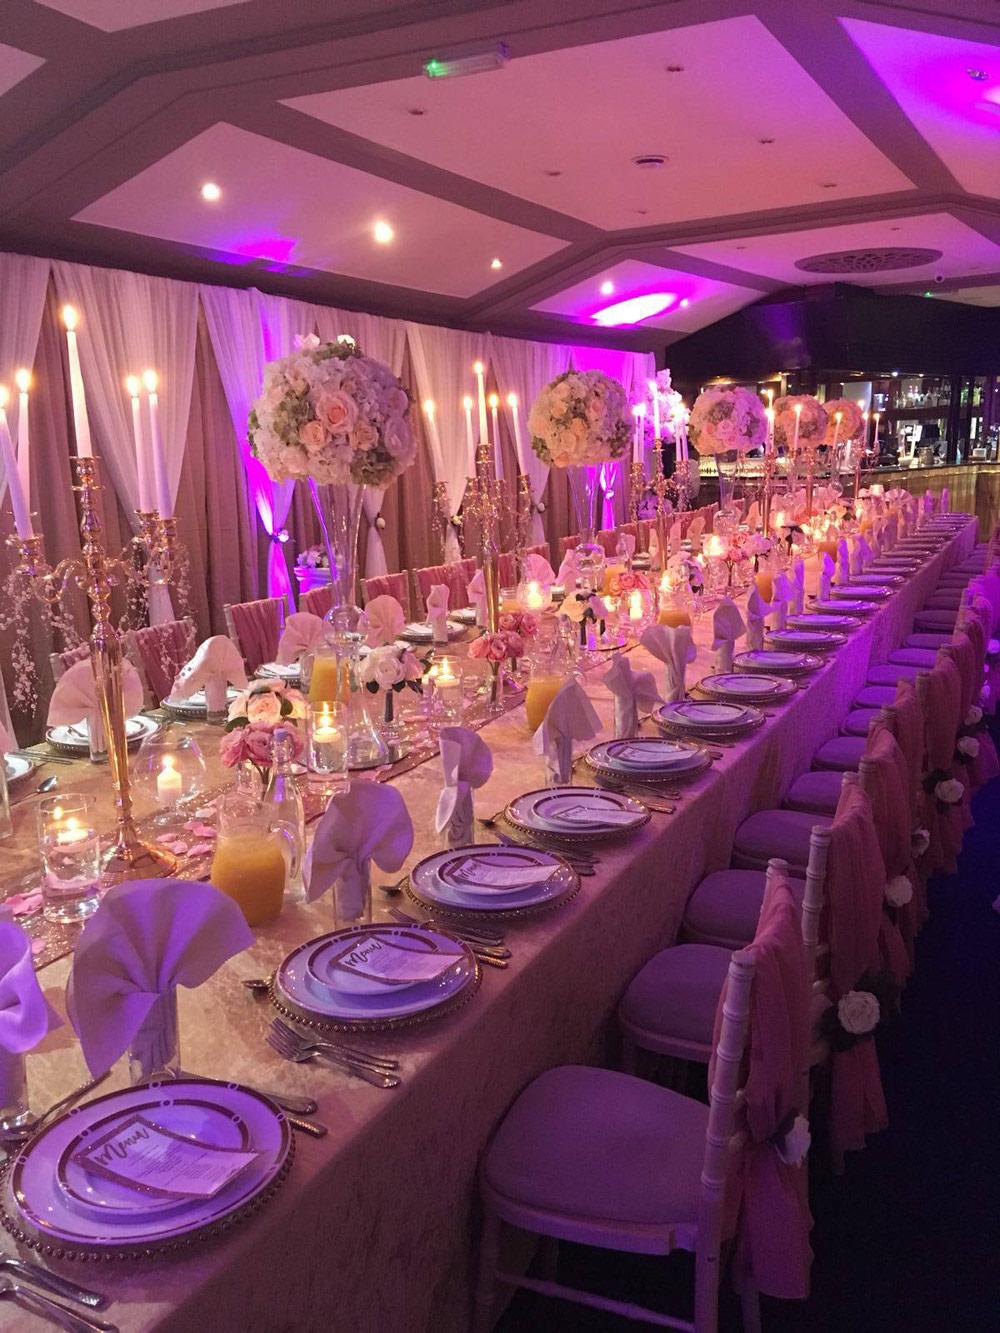 The Venue Weddings - Wedding Venue Dudley